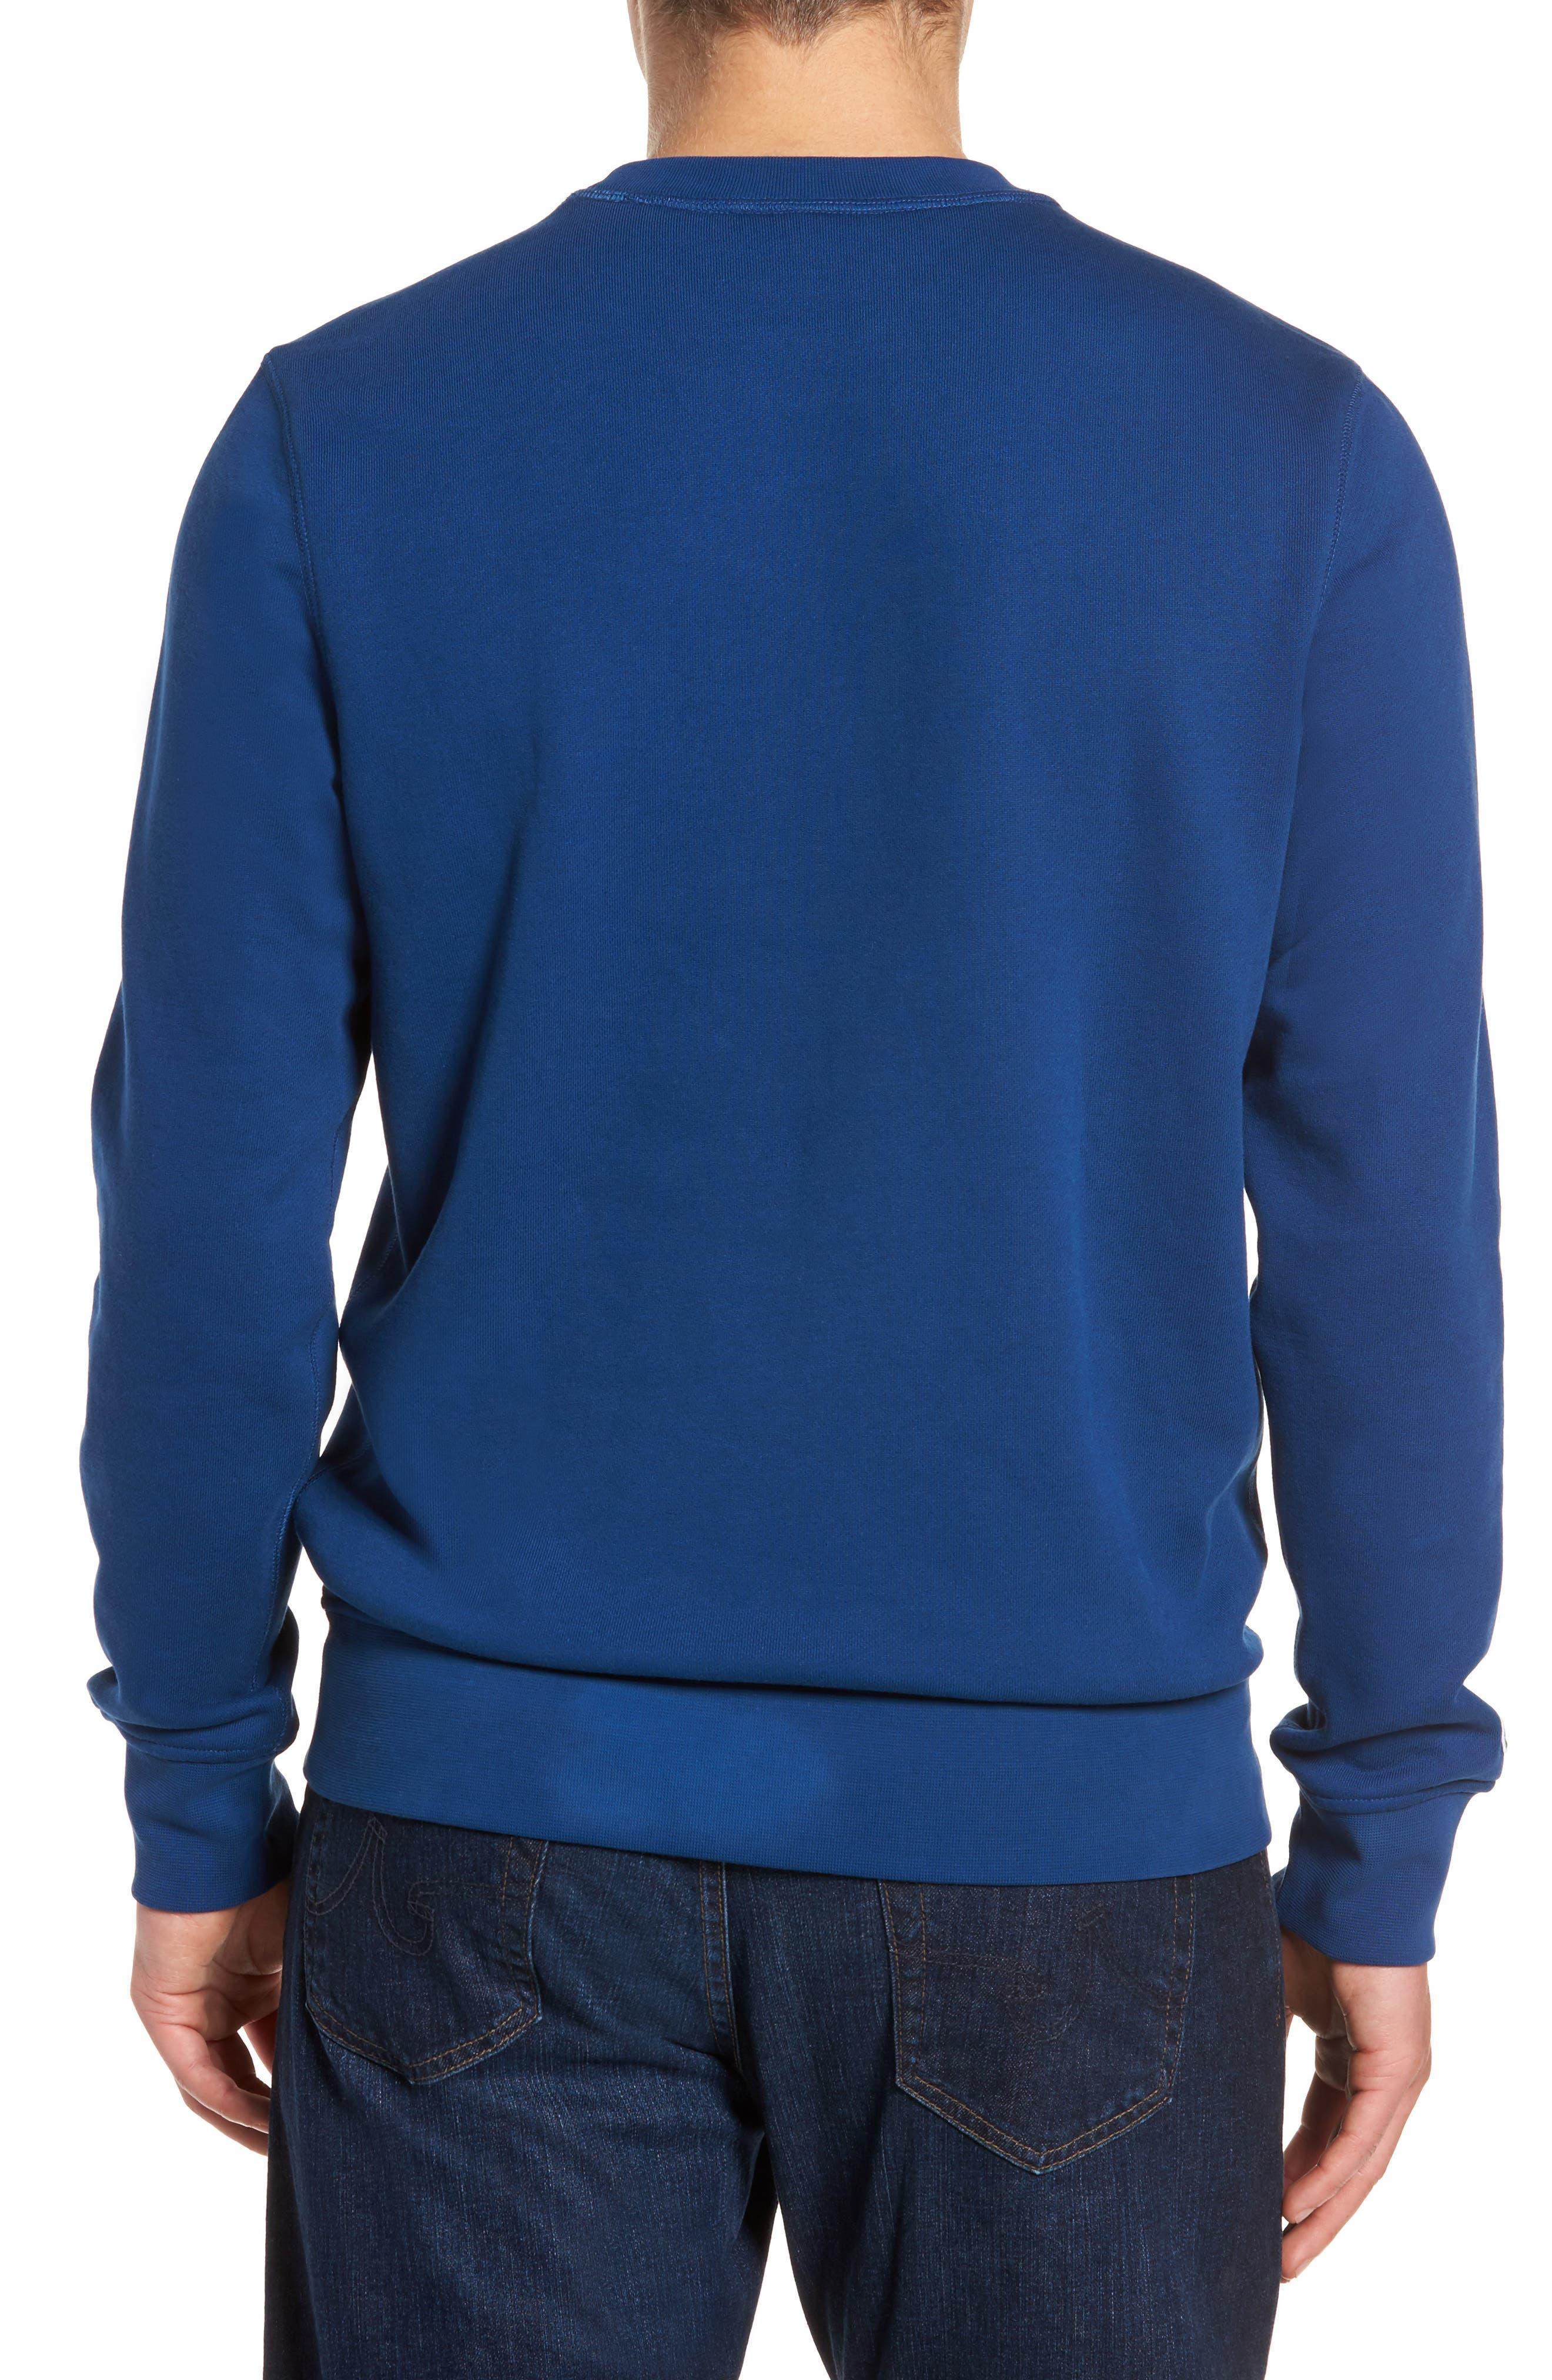 Alternate Image 2  - Lacoste Lettering Fleece Sweatshirt